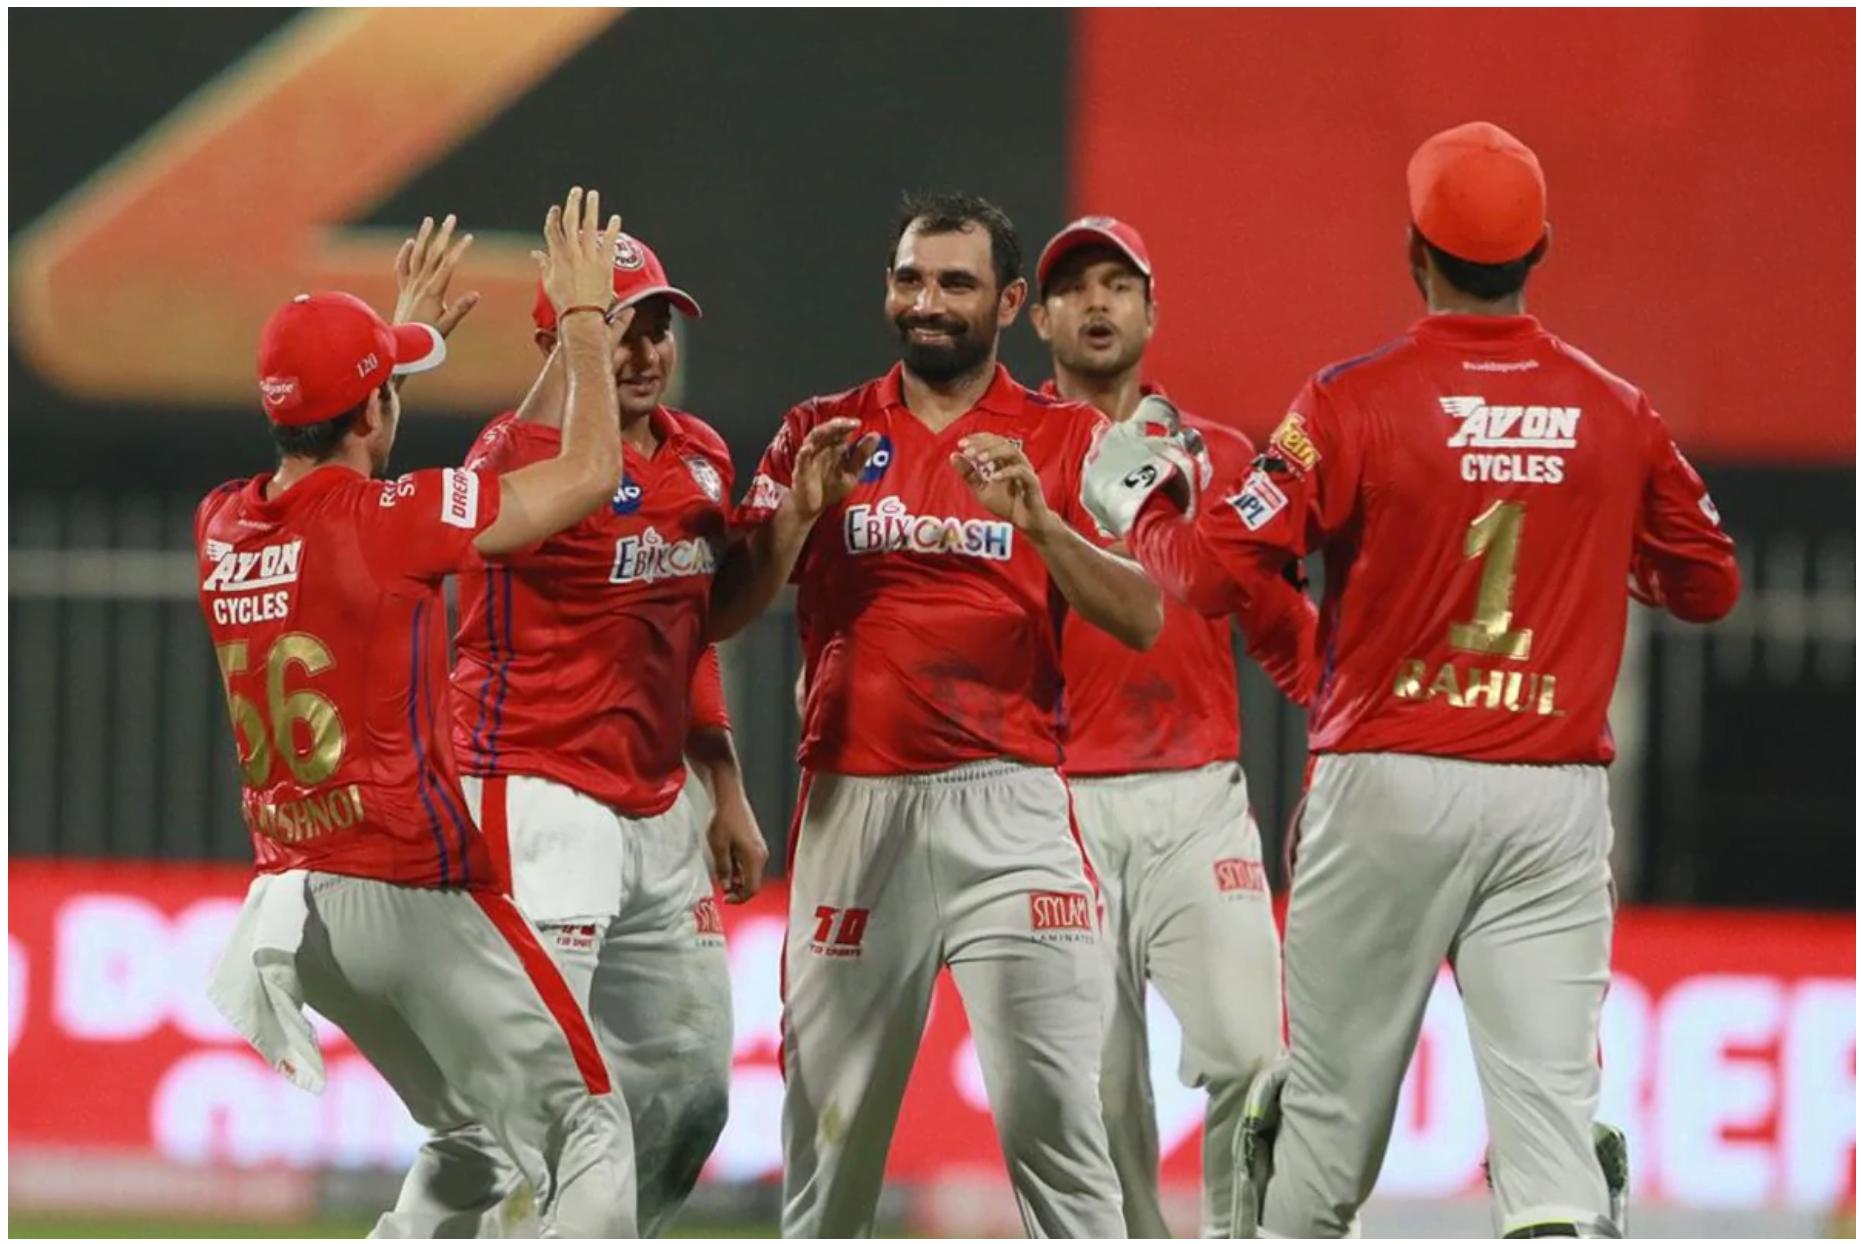 kxip-ipl-2020-super over against mumbai indians